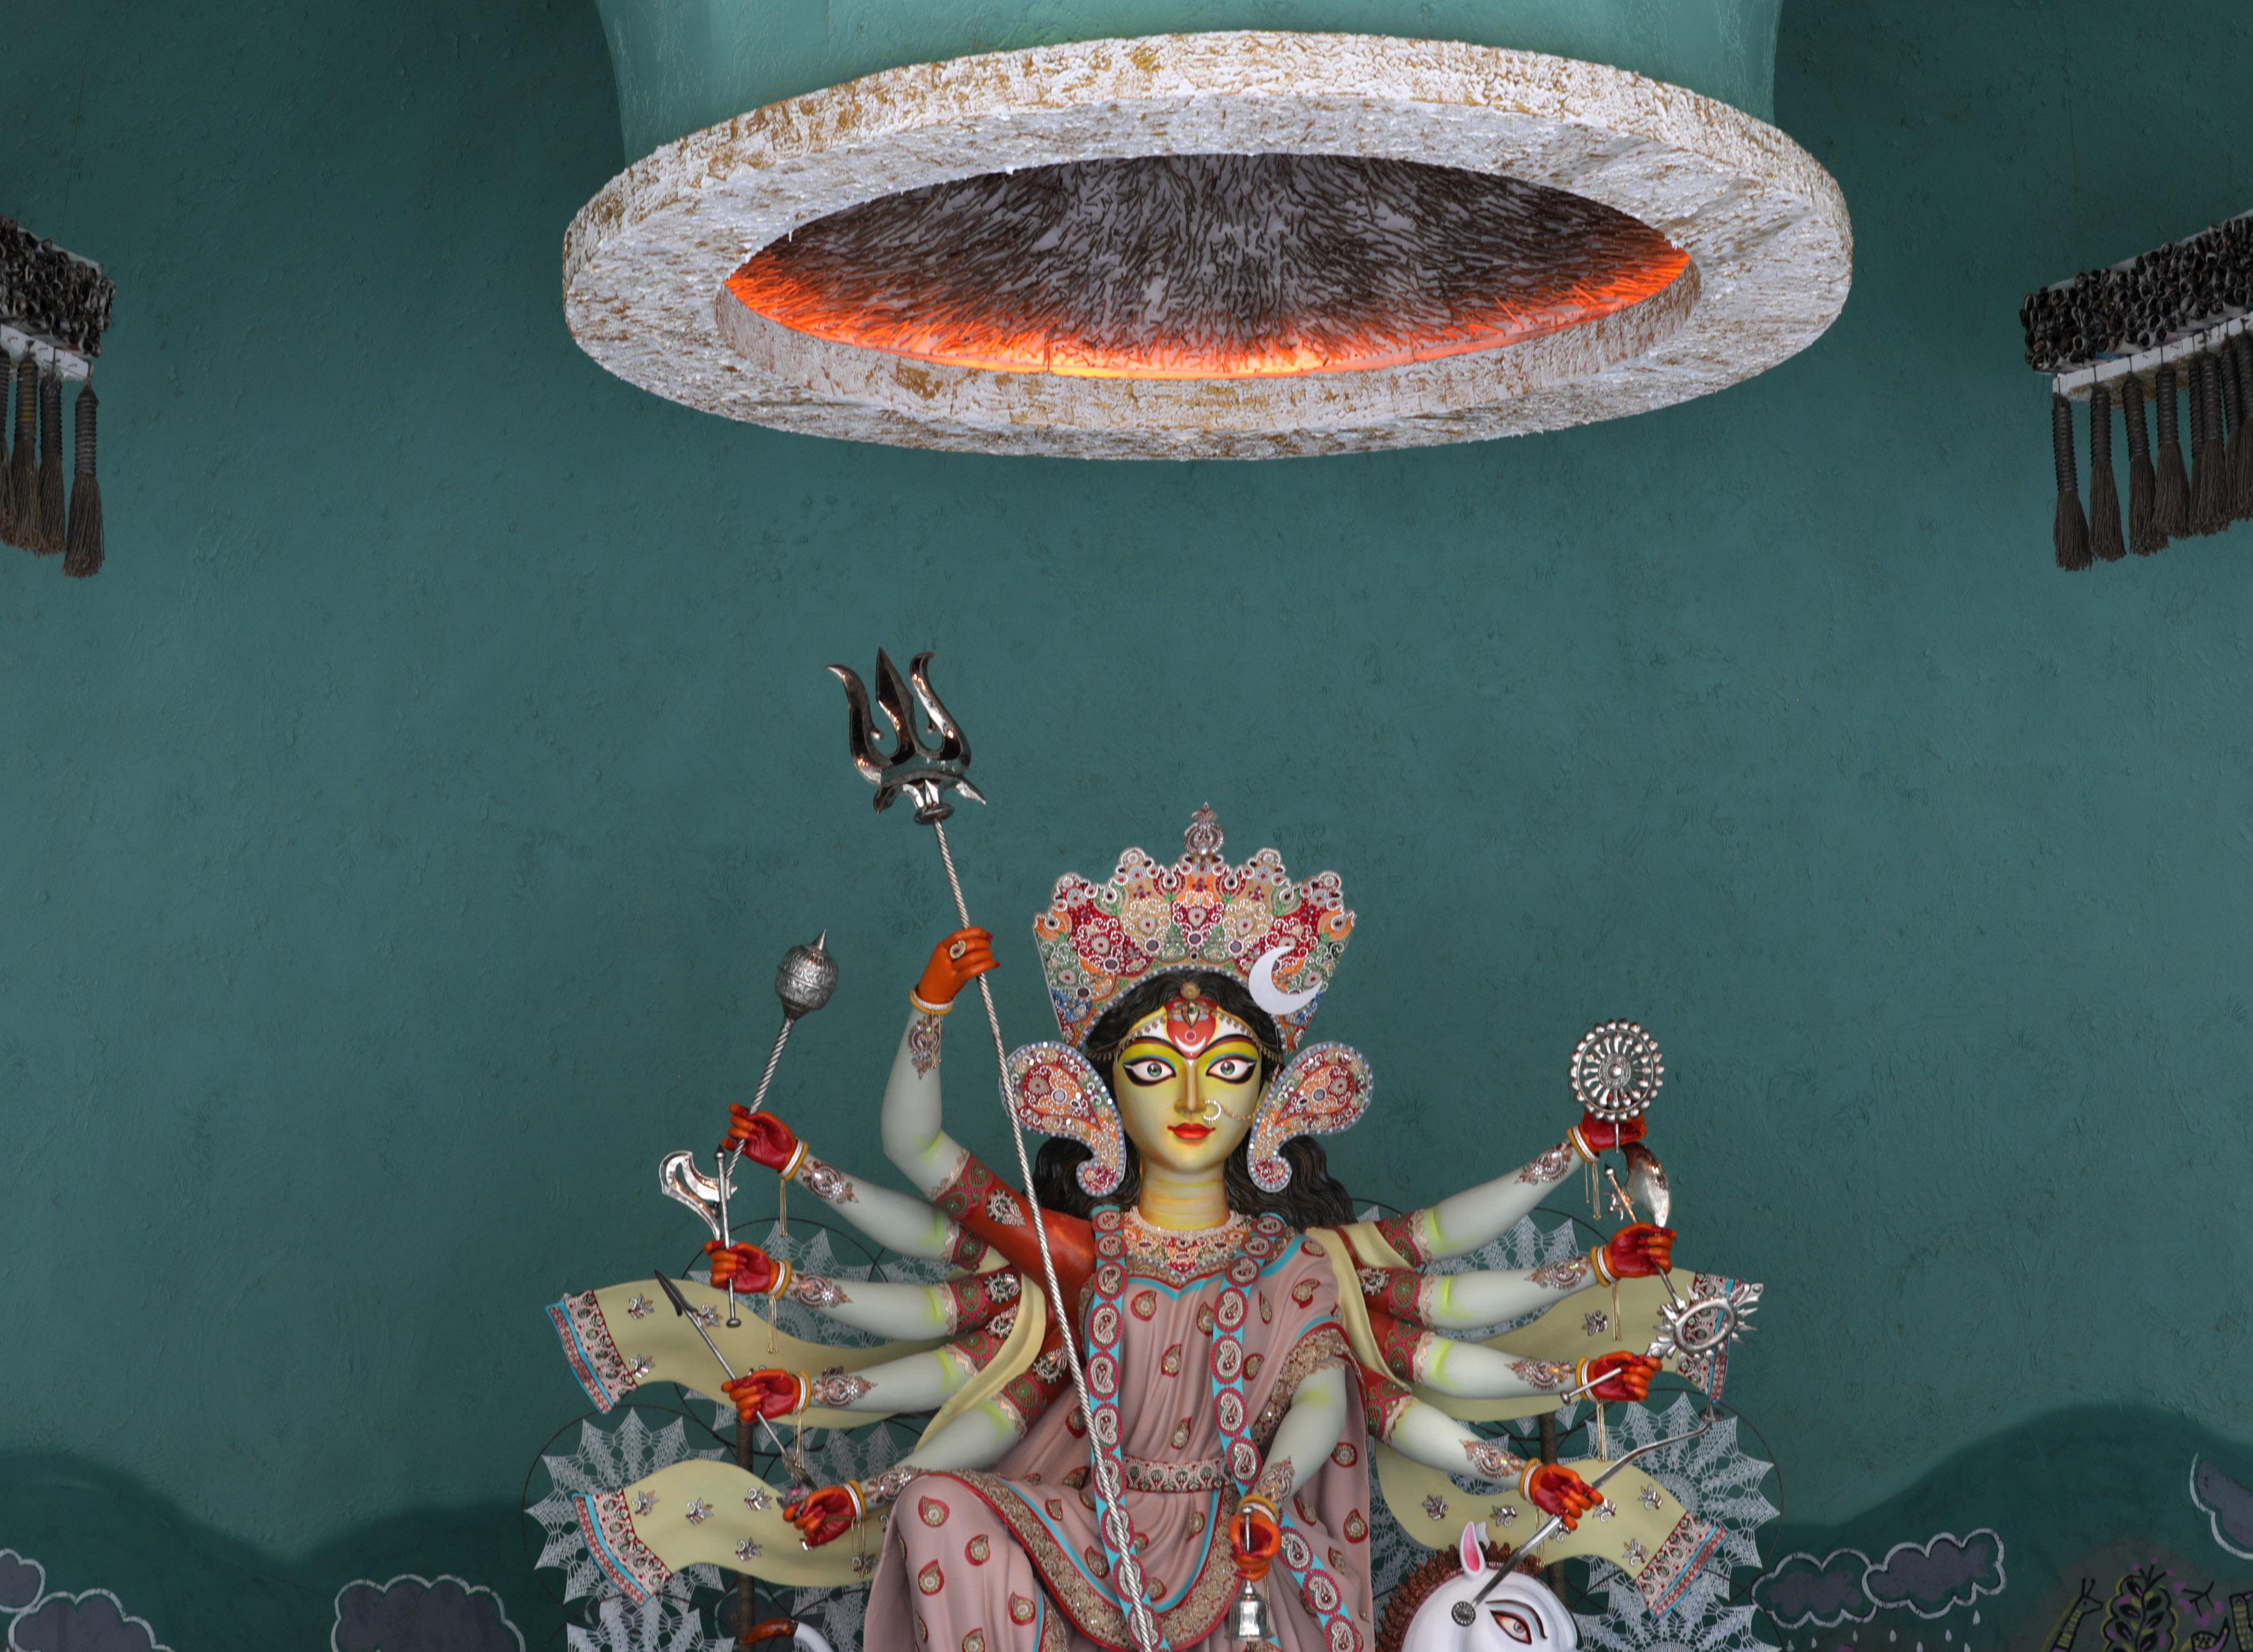 لوحة للفنان براديب داس